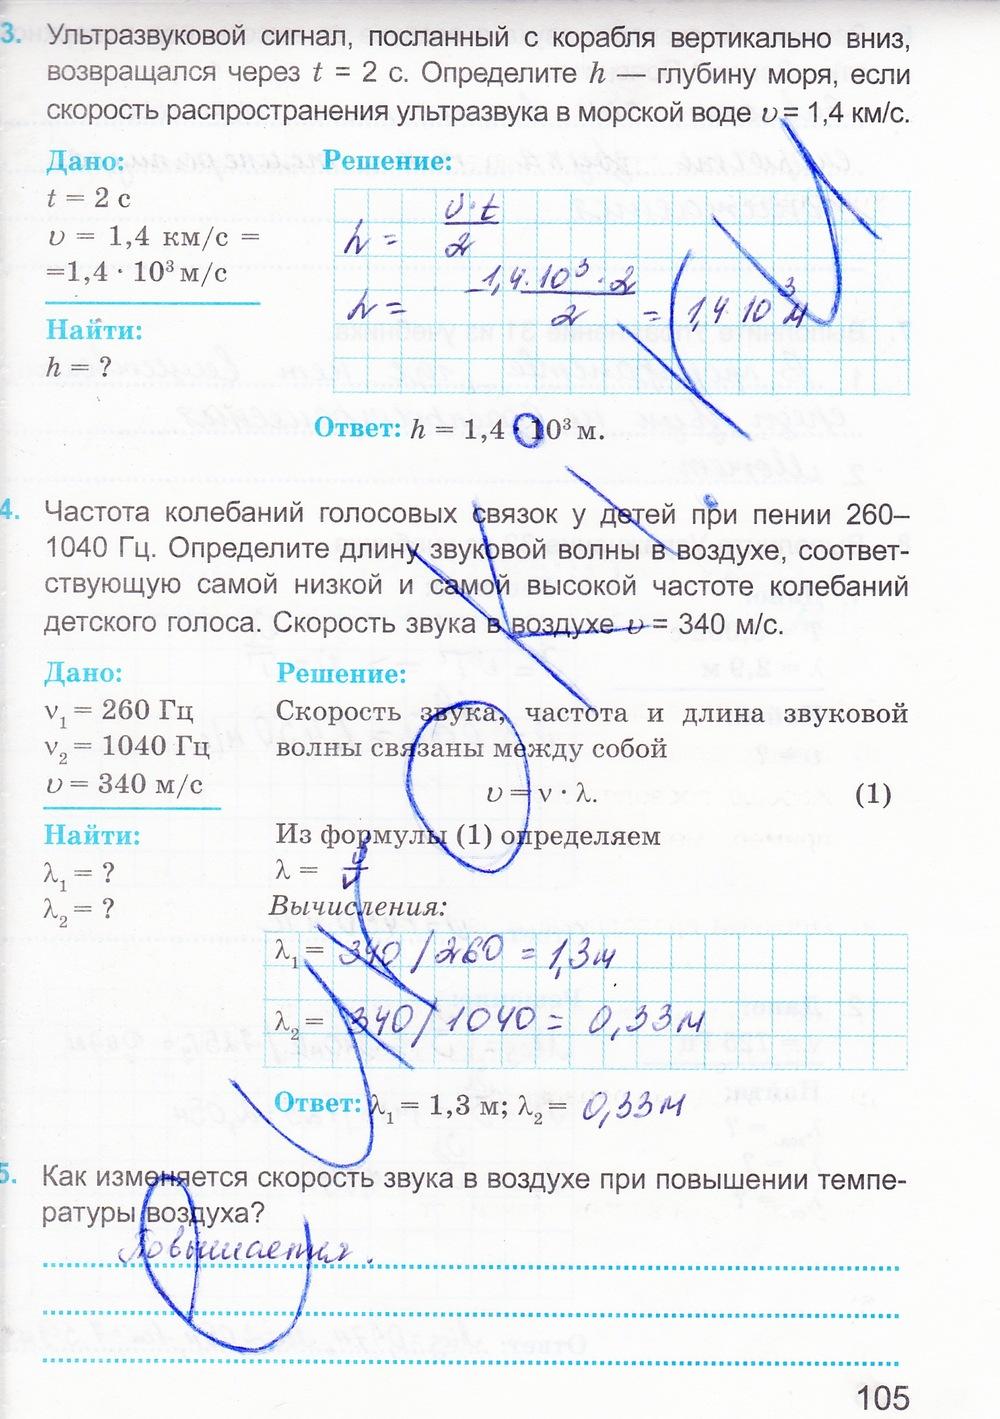 Решебник по рабочей тетради по физике 8 класс касьянов дмитриева.